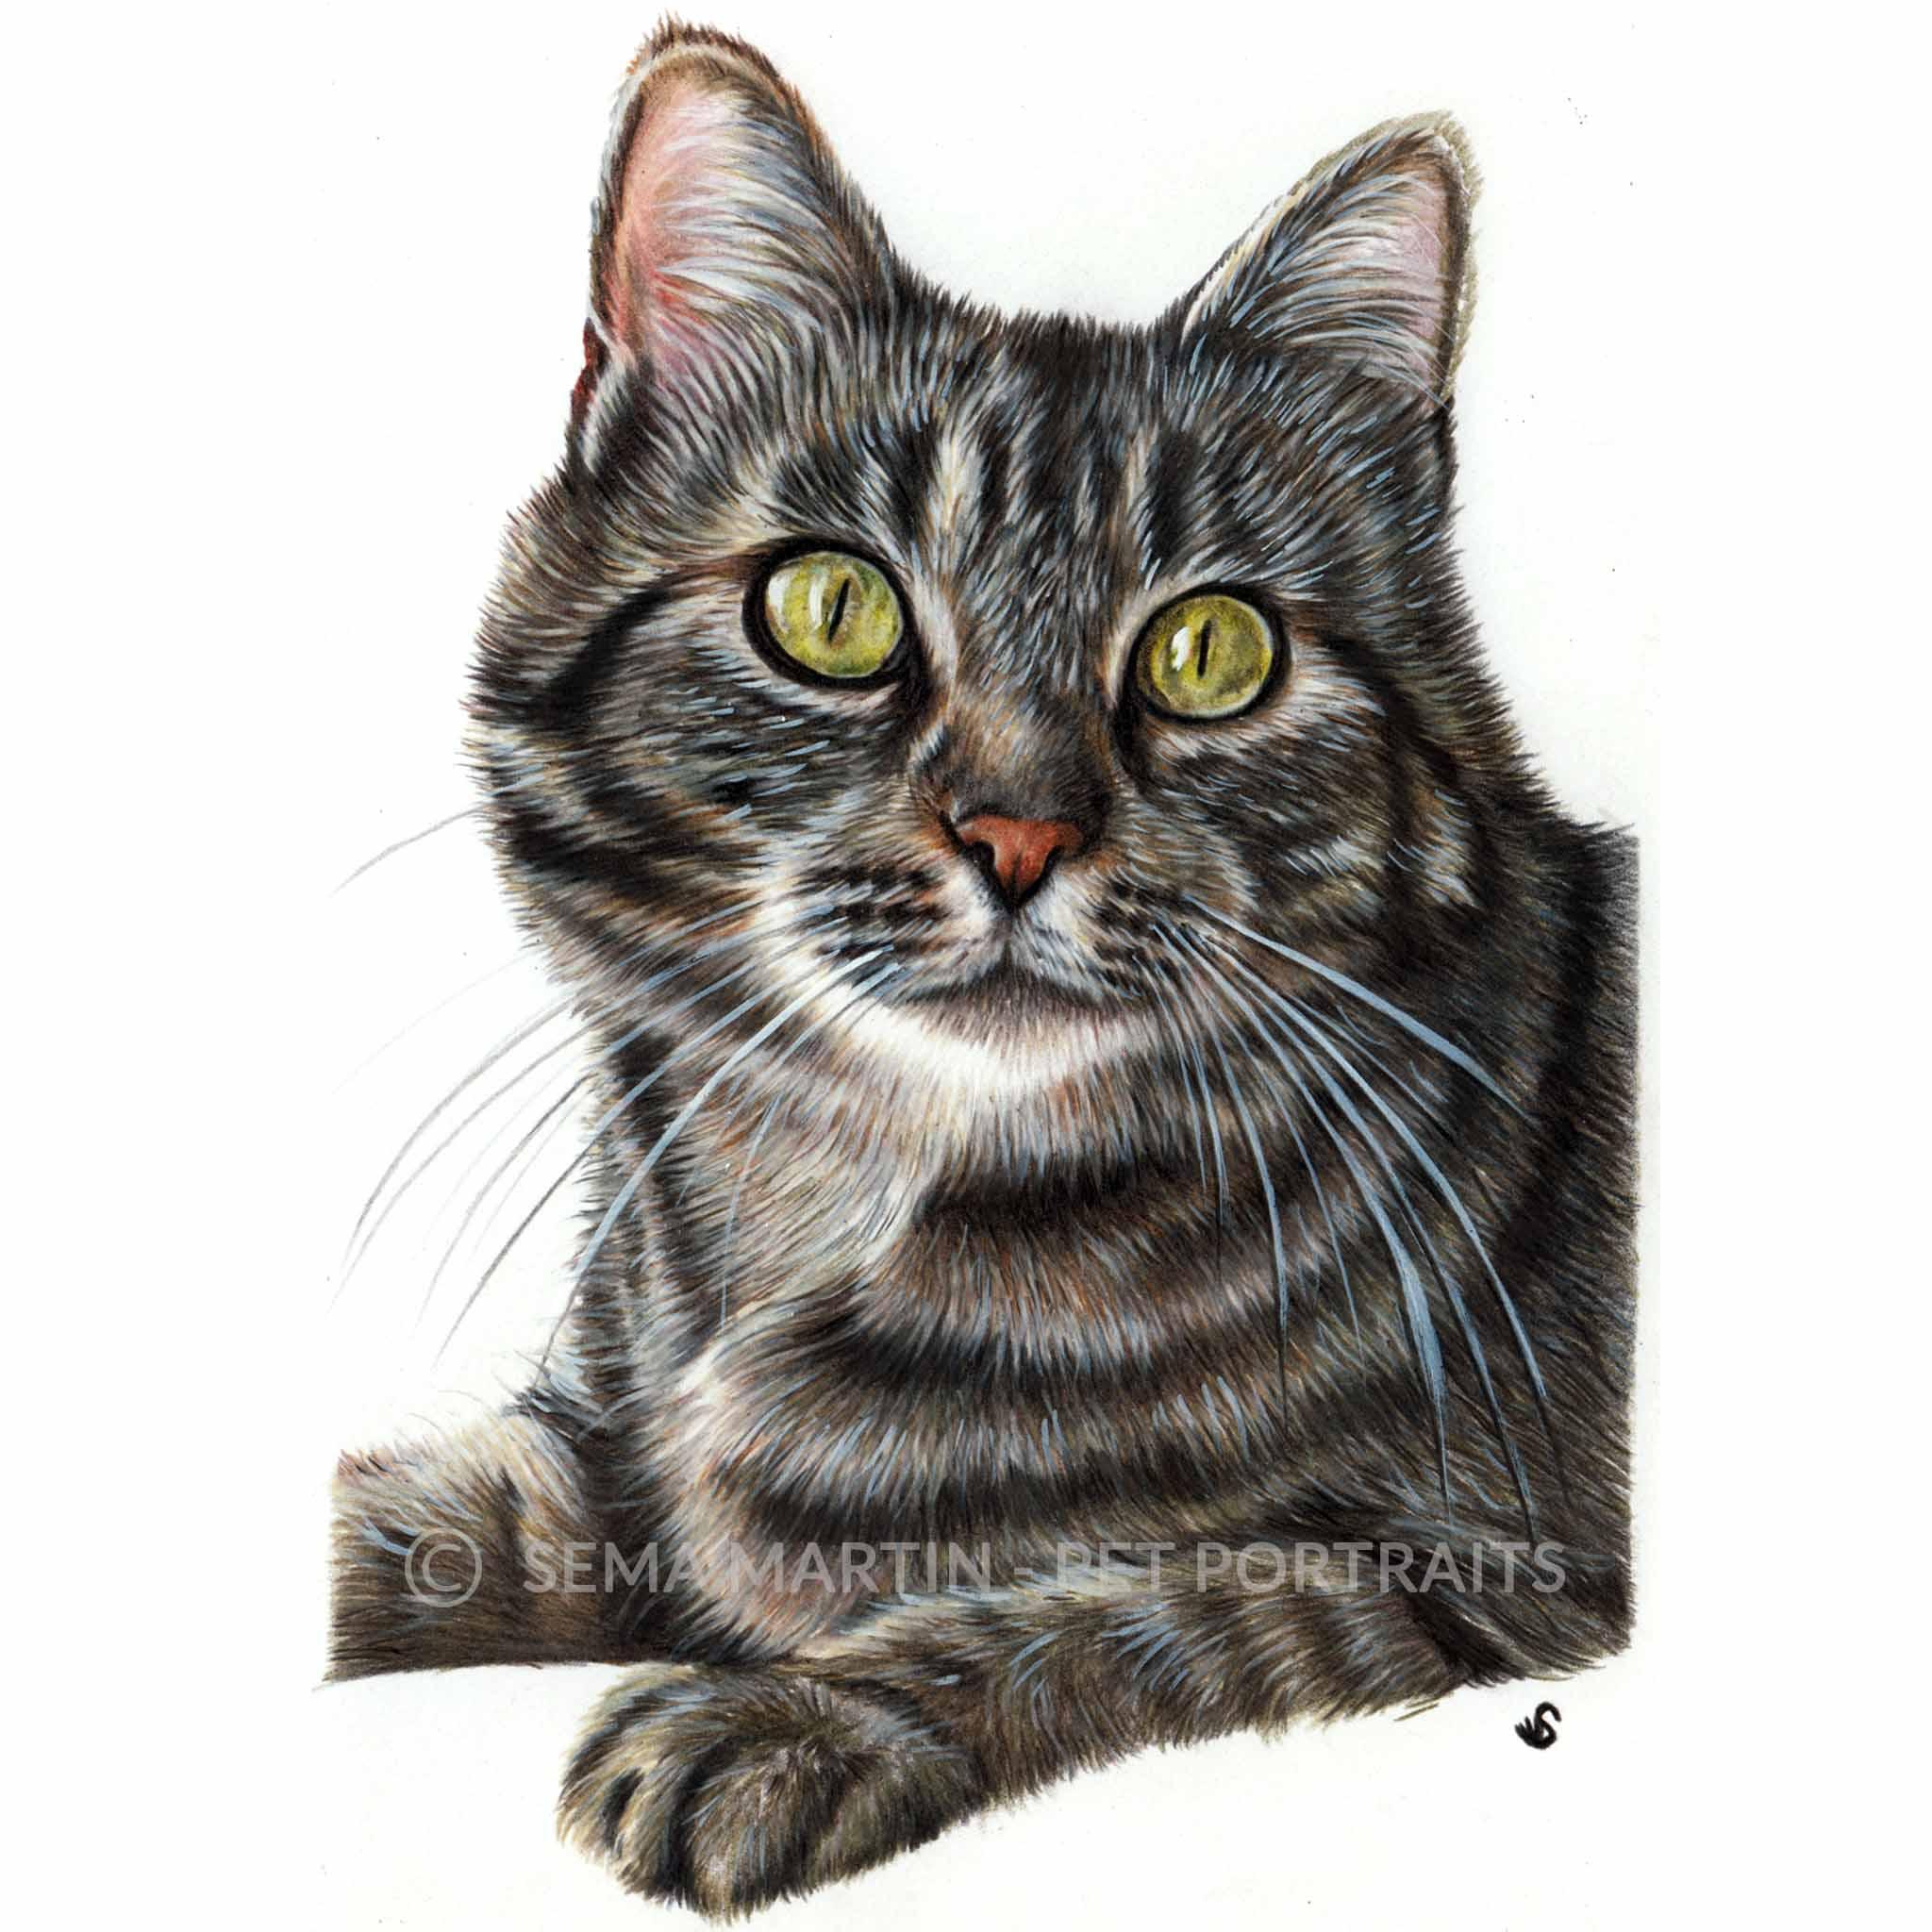 'Belle' - AUS, 5.3 x 8.5 inches, 2018, Colour Pencil Cat Portrait by Sema Martin